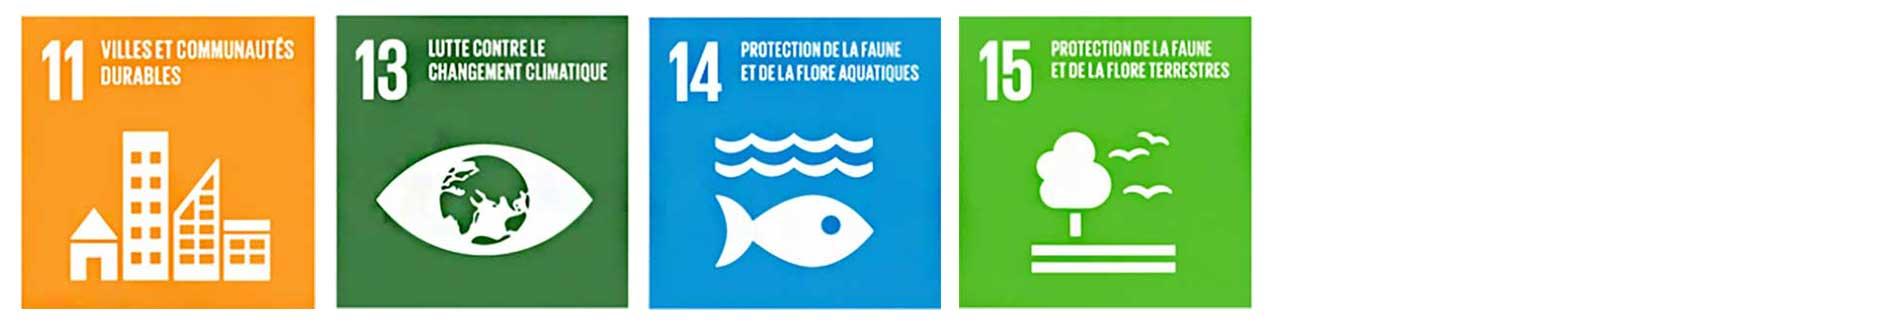 Objectifs de développement durable 2030 liés au thème déchets